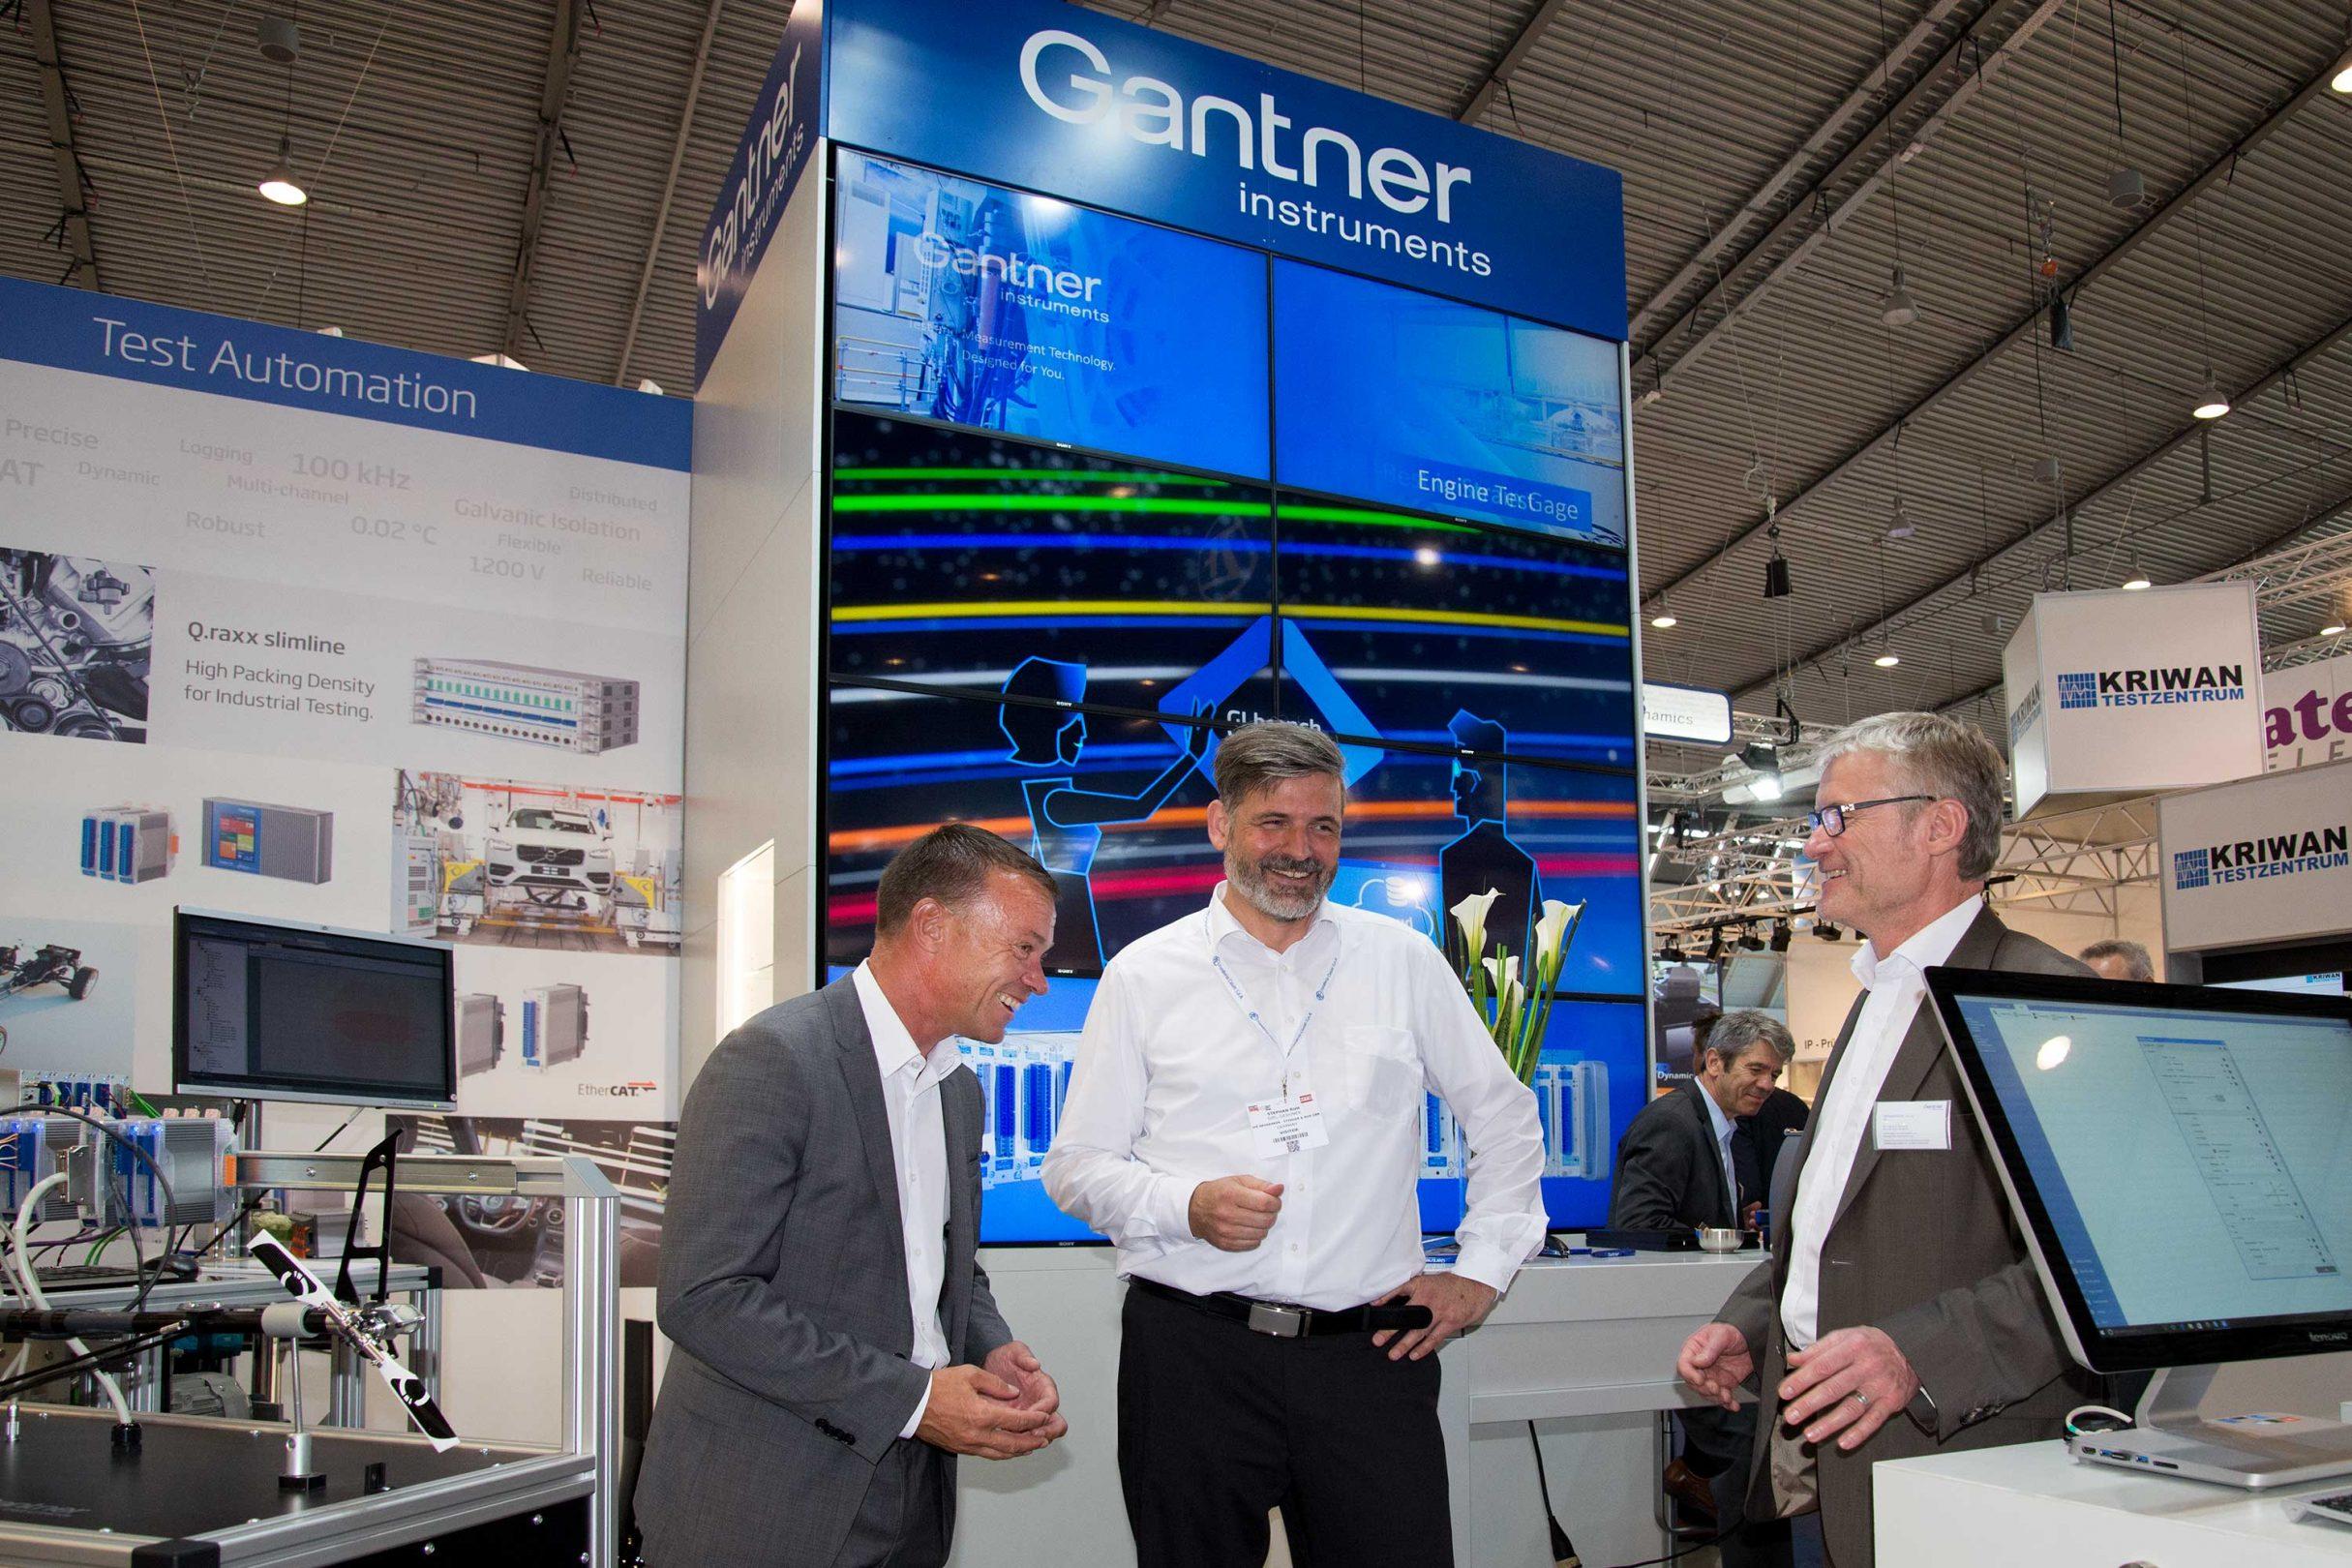 Messe Design für Gantner Instruments auf der automotive testing expo 2017: DIE NEUDENKER® Agentur, Darmstadt